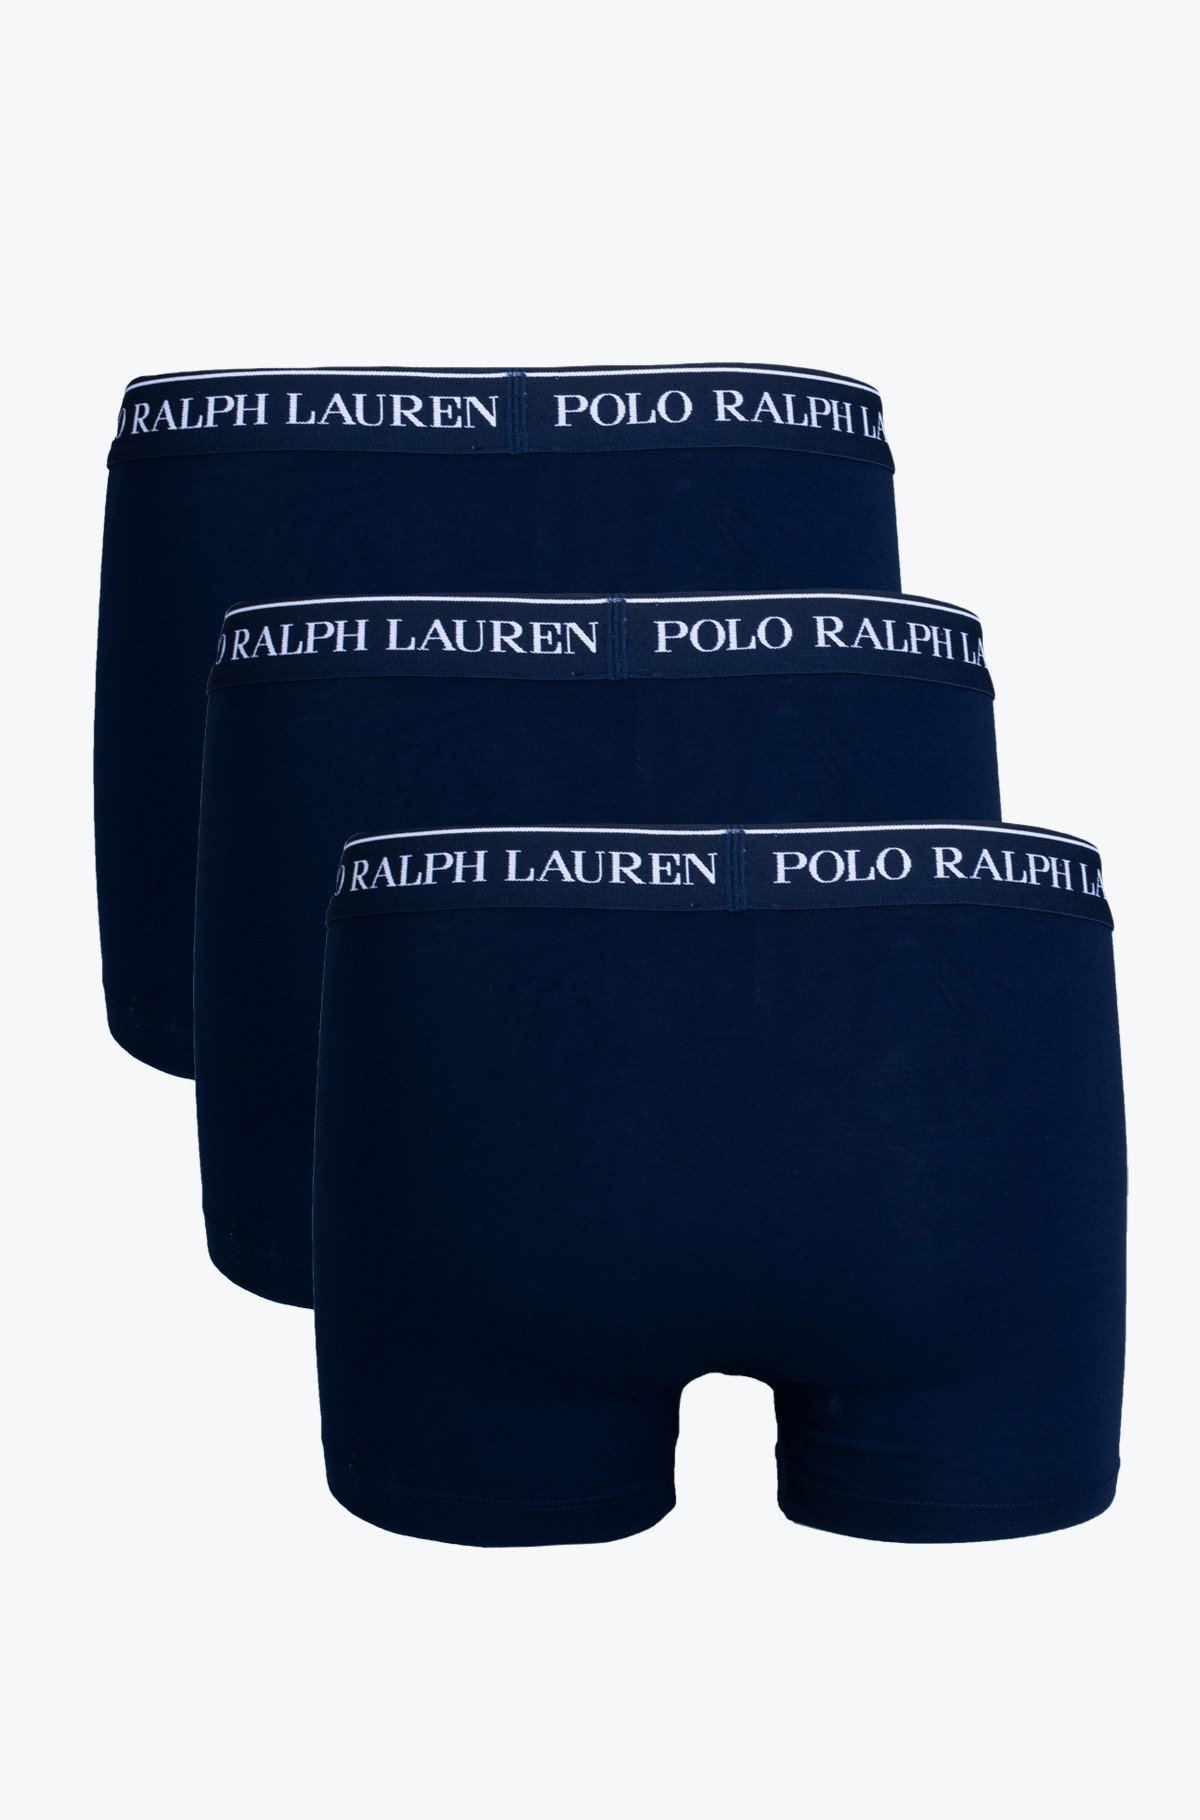 Three pairs of boxers 714513424006-full-2